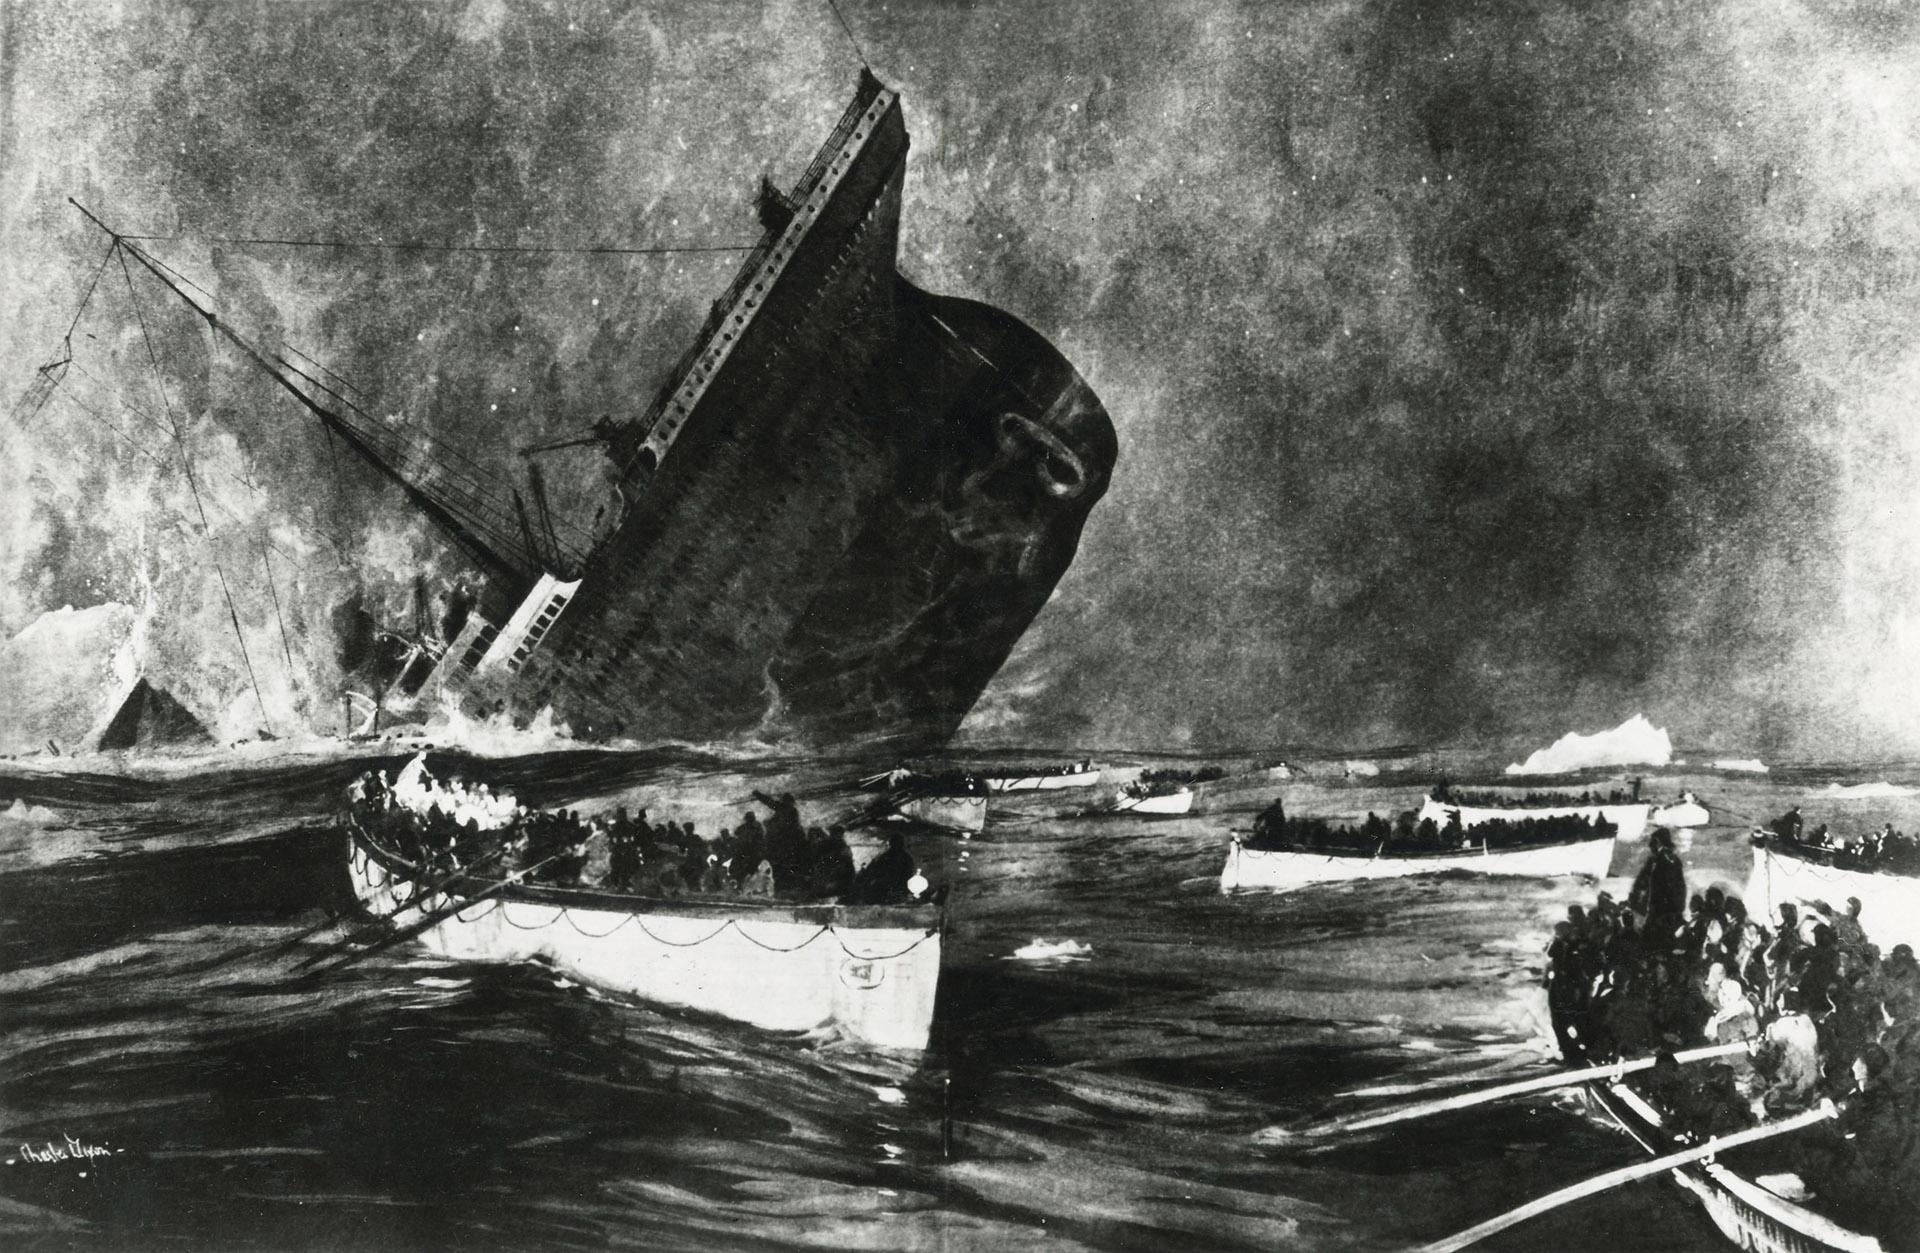 El Titanic era el objeto desplazable más grande jamás construido hasta entonces (SSPL/Getty Images)